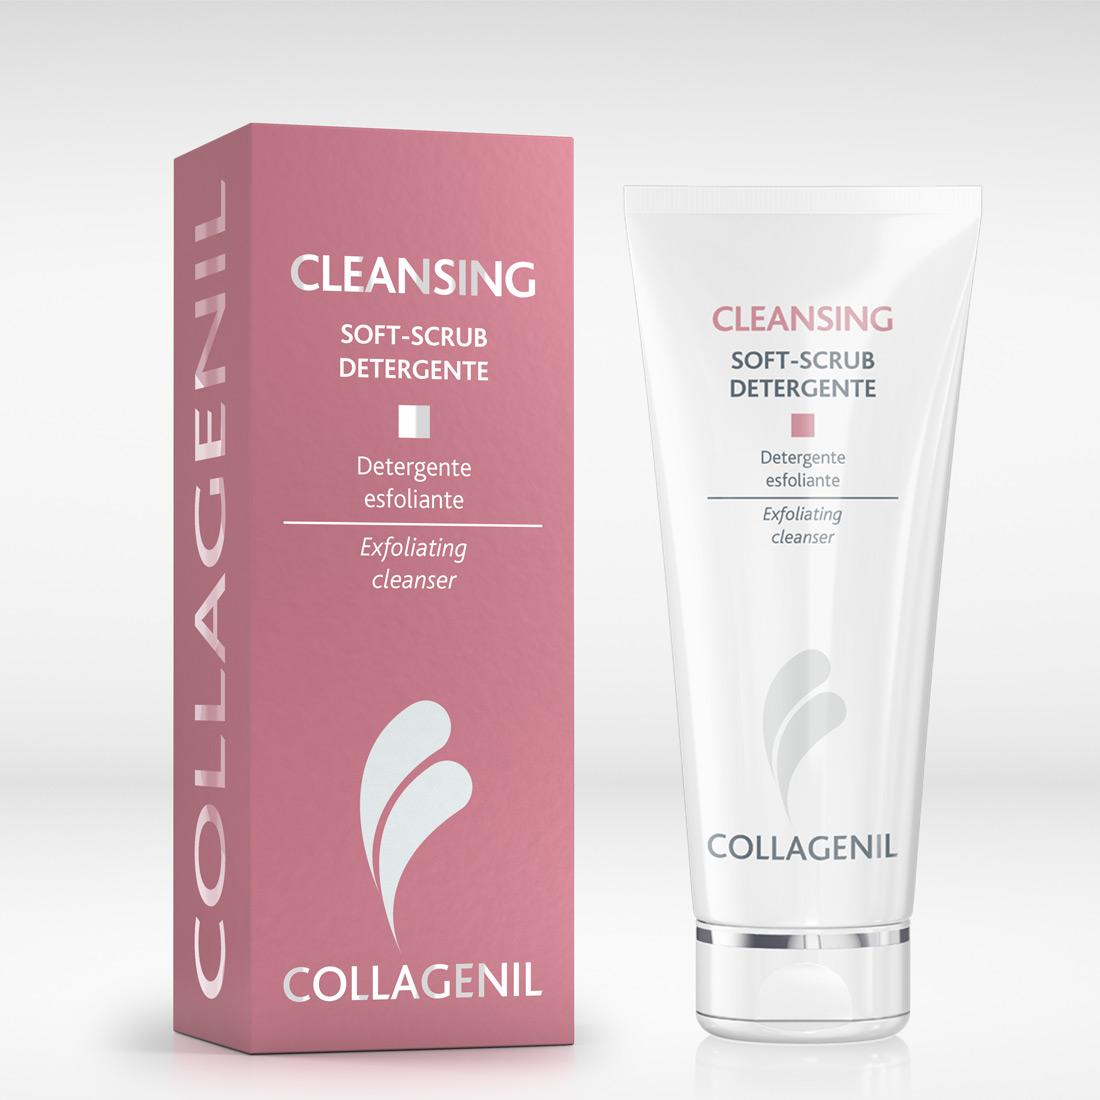 Cleansing Soft-Scrub Detergente COLLAGENIL 200ml